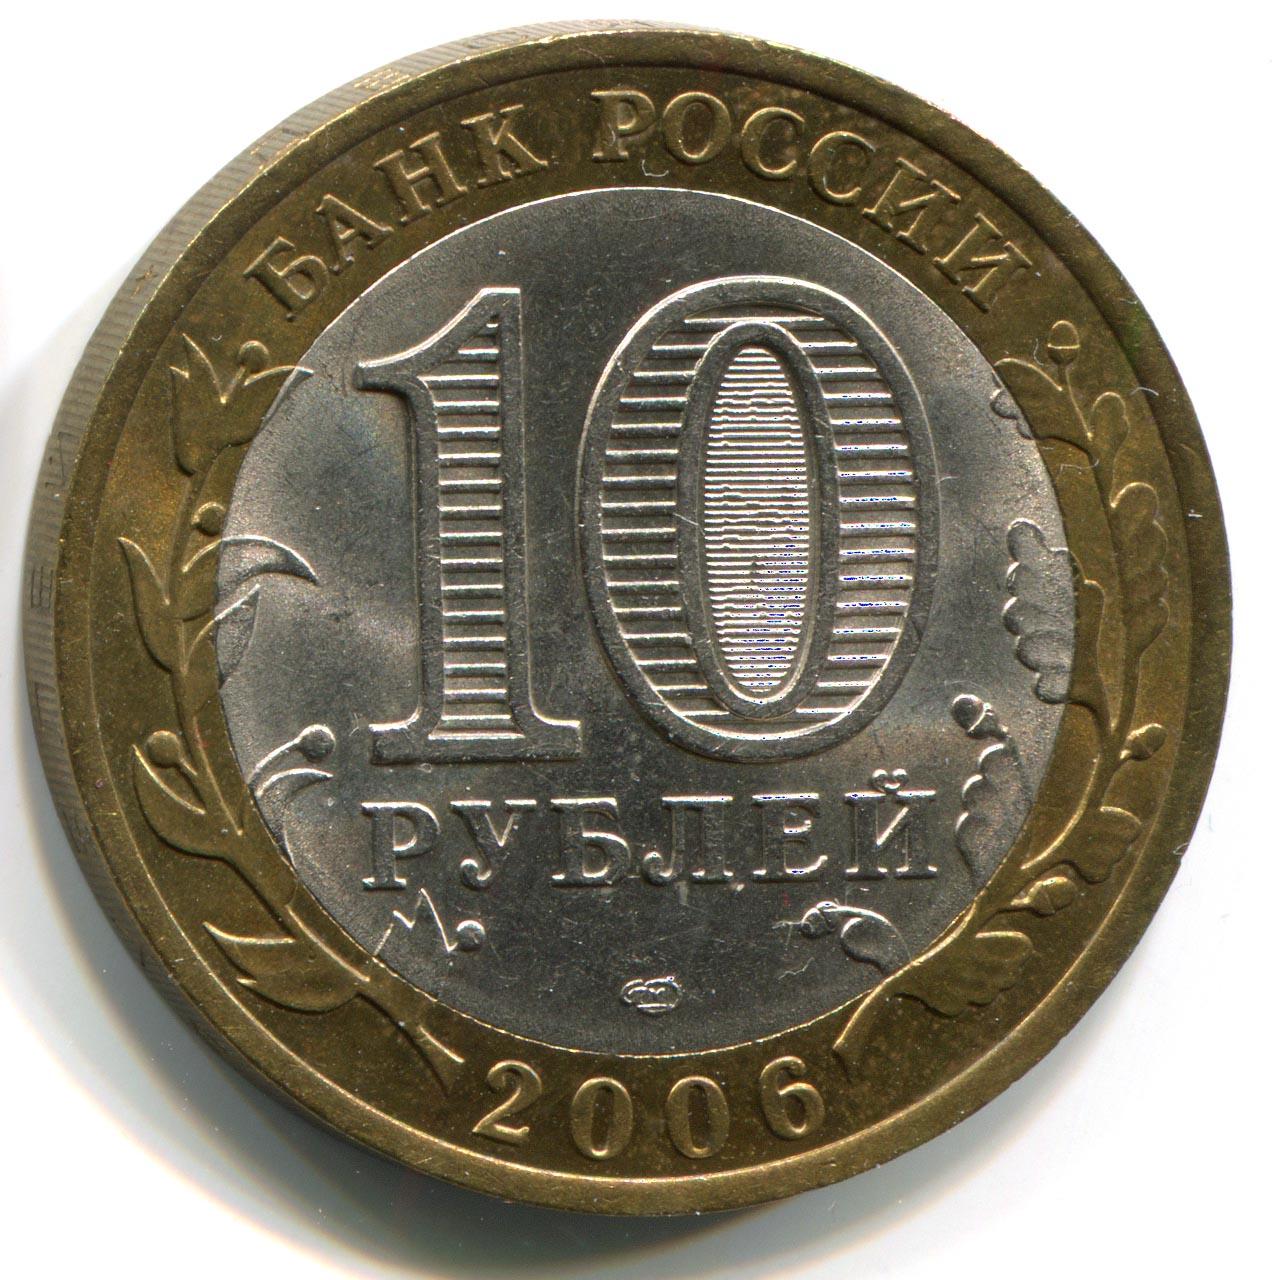 Республика саха монета 10 рублей цена 5 рублей 1990 года цена